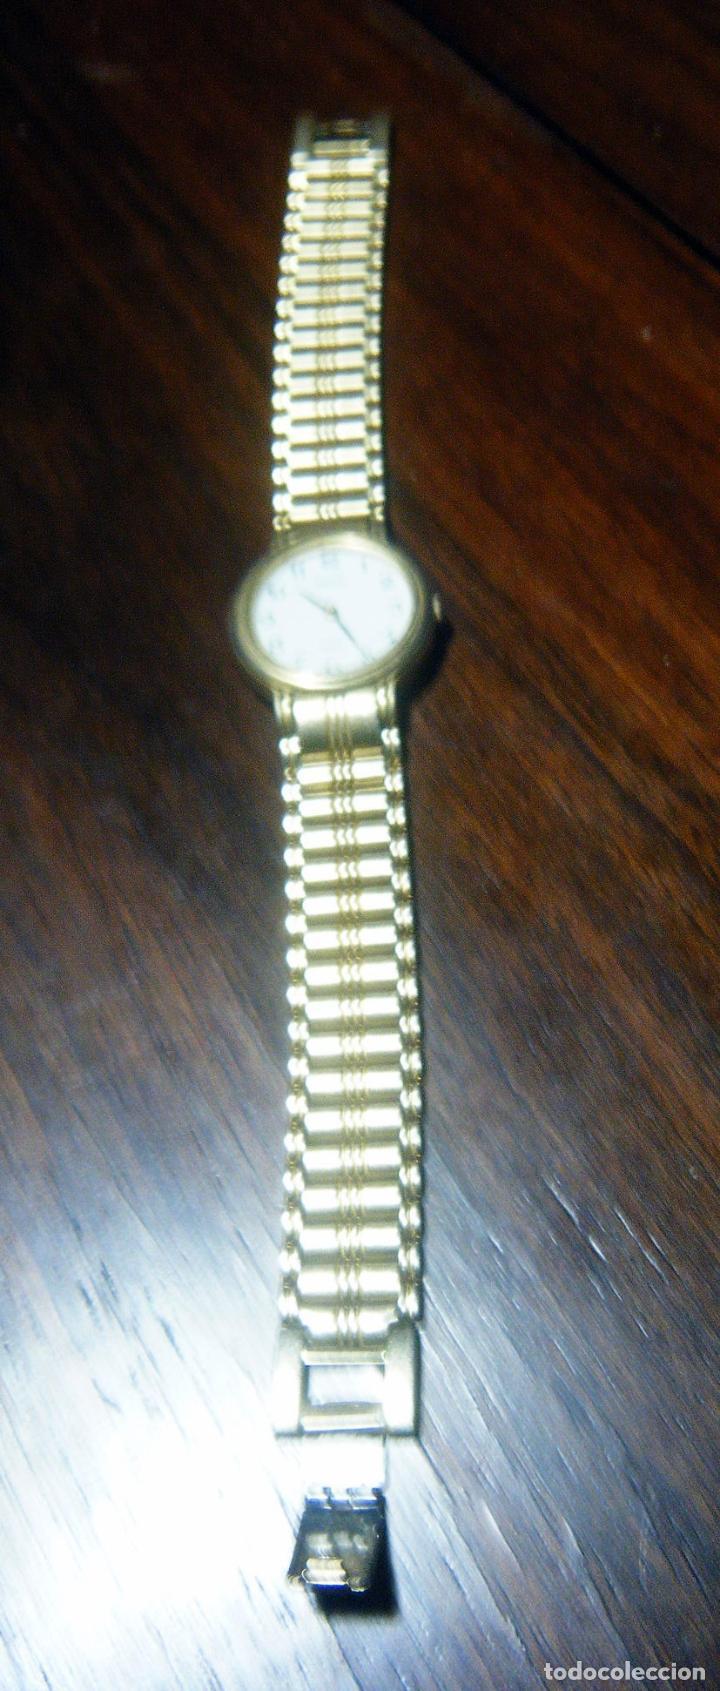 Relojes automáticos: Reloj mujer PULSAR, chapado en oro - Foto 5 - 111639147